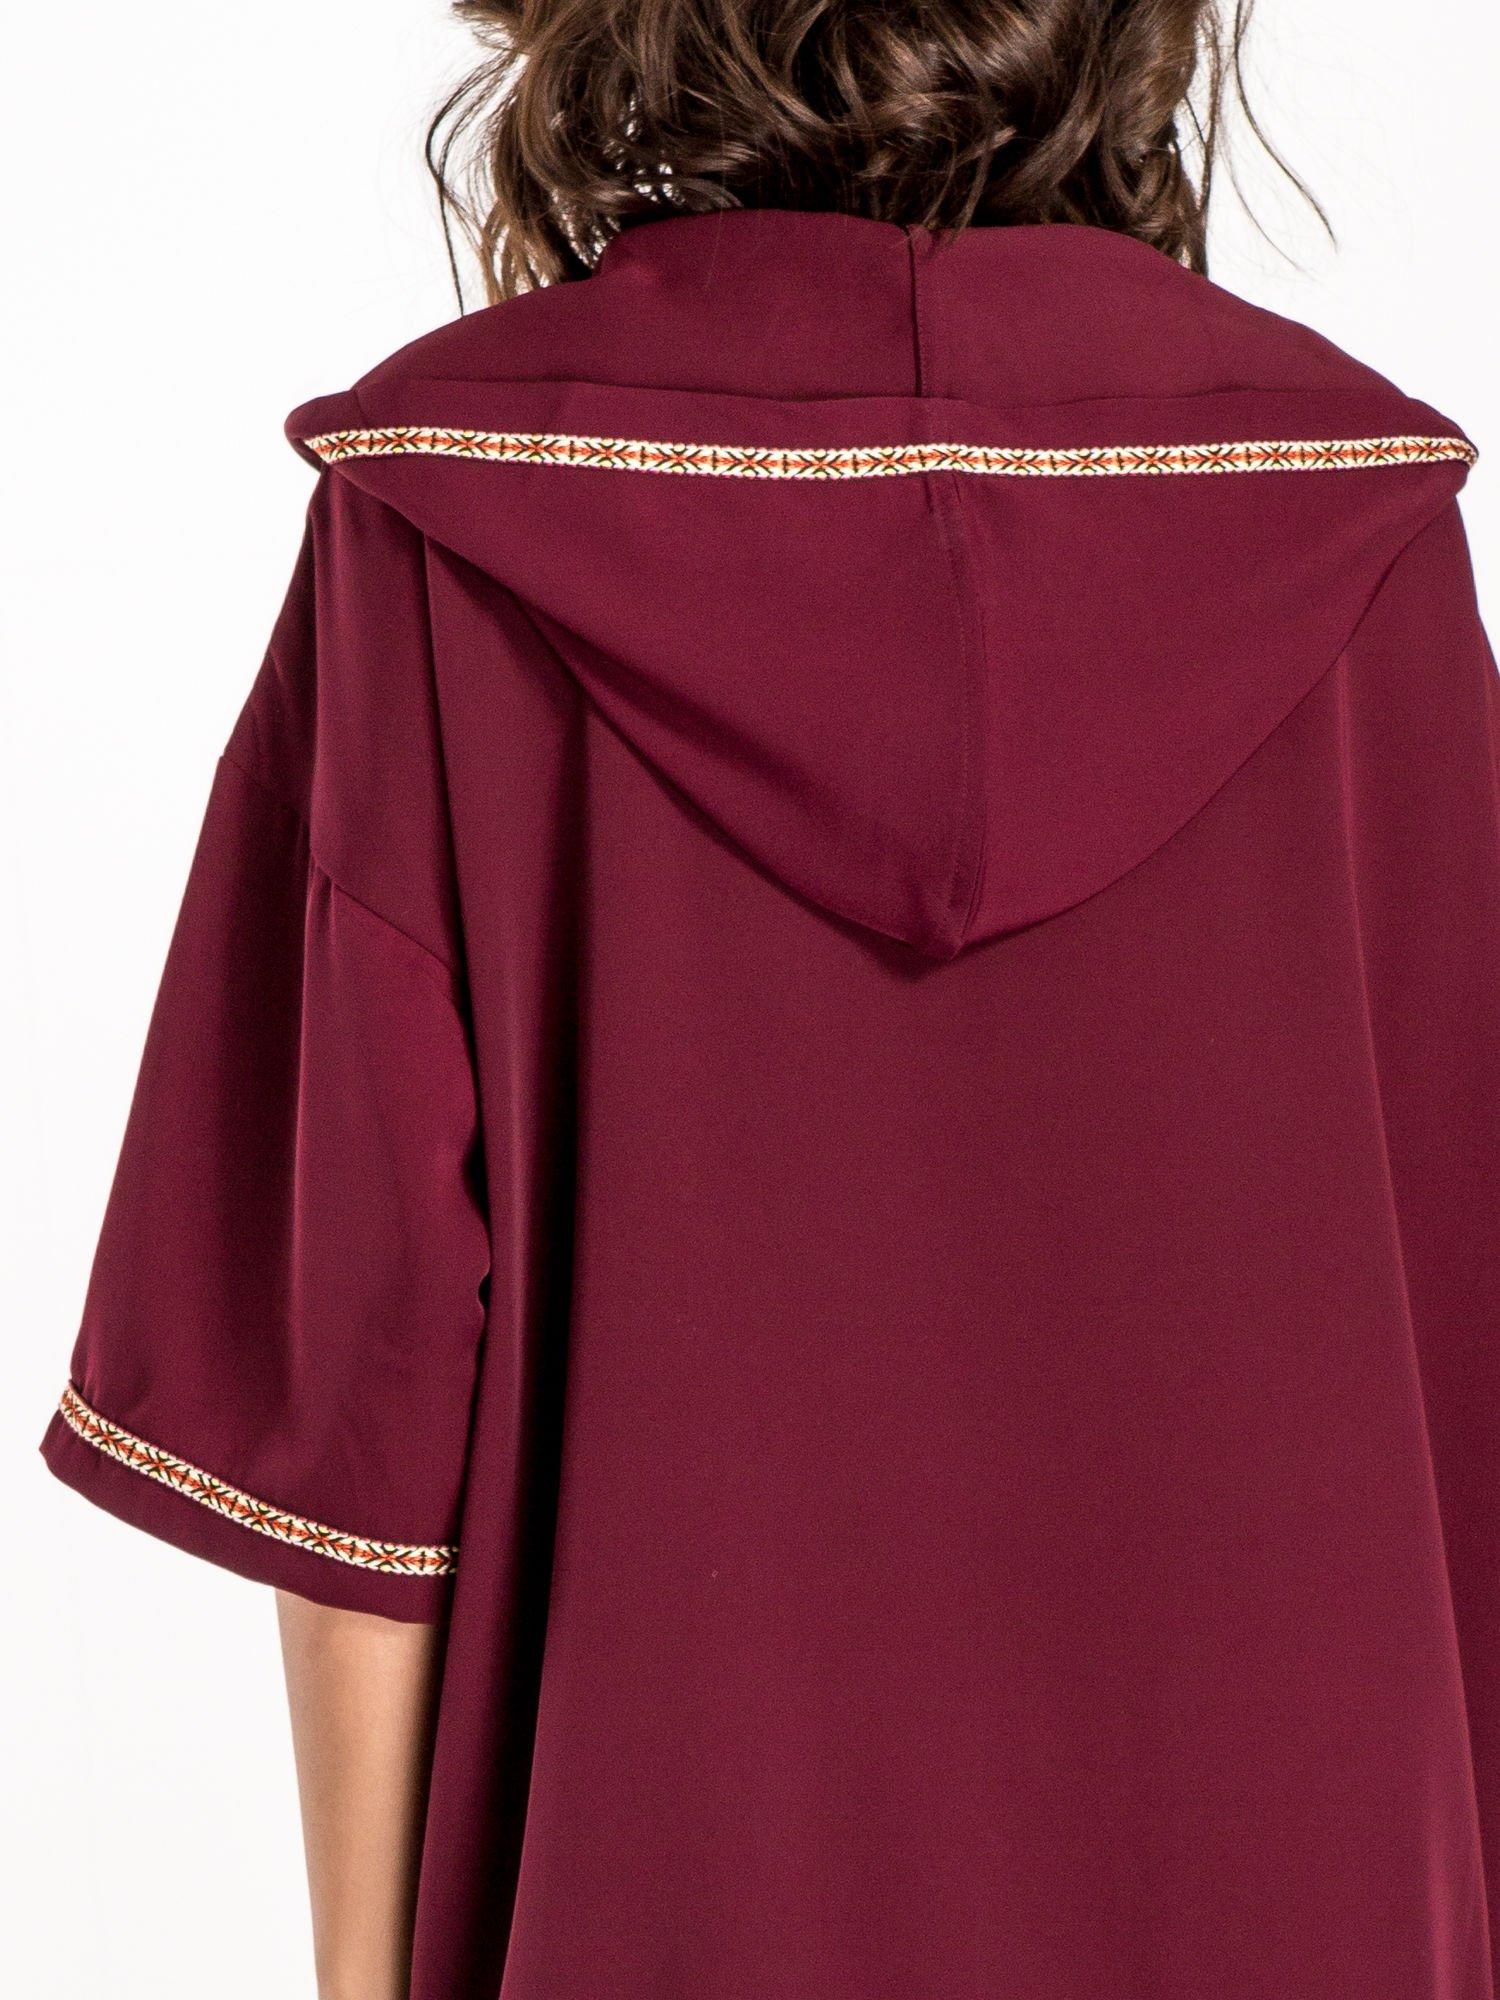 Bordowa bluza z kapturem w stylu boho                                  zdj.                                  7